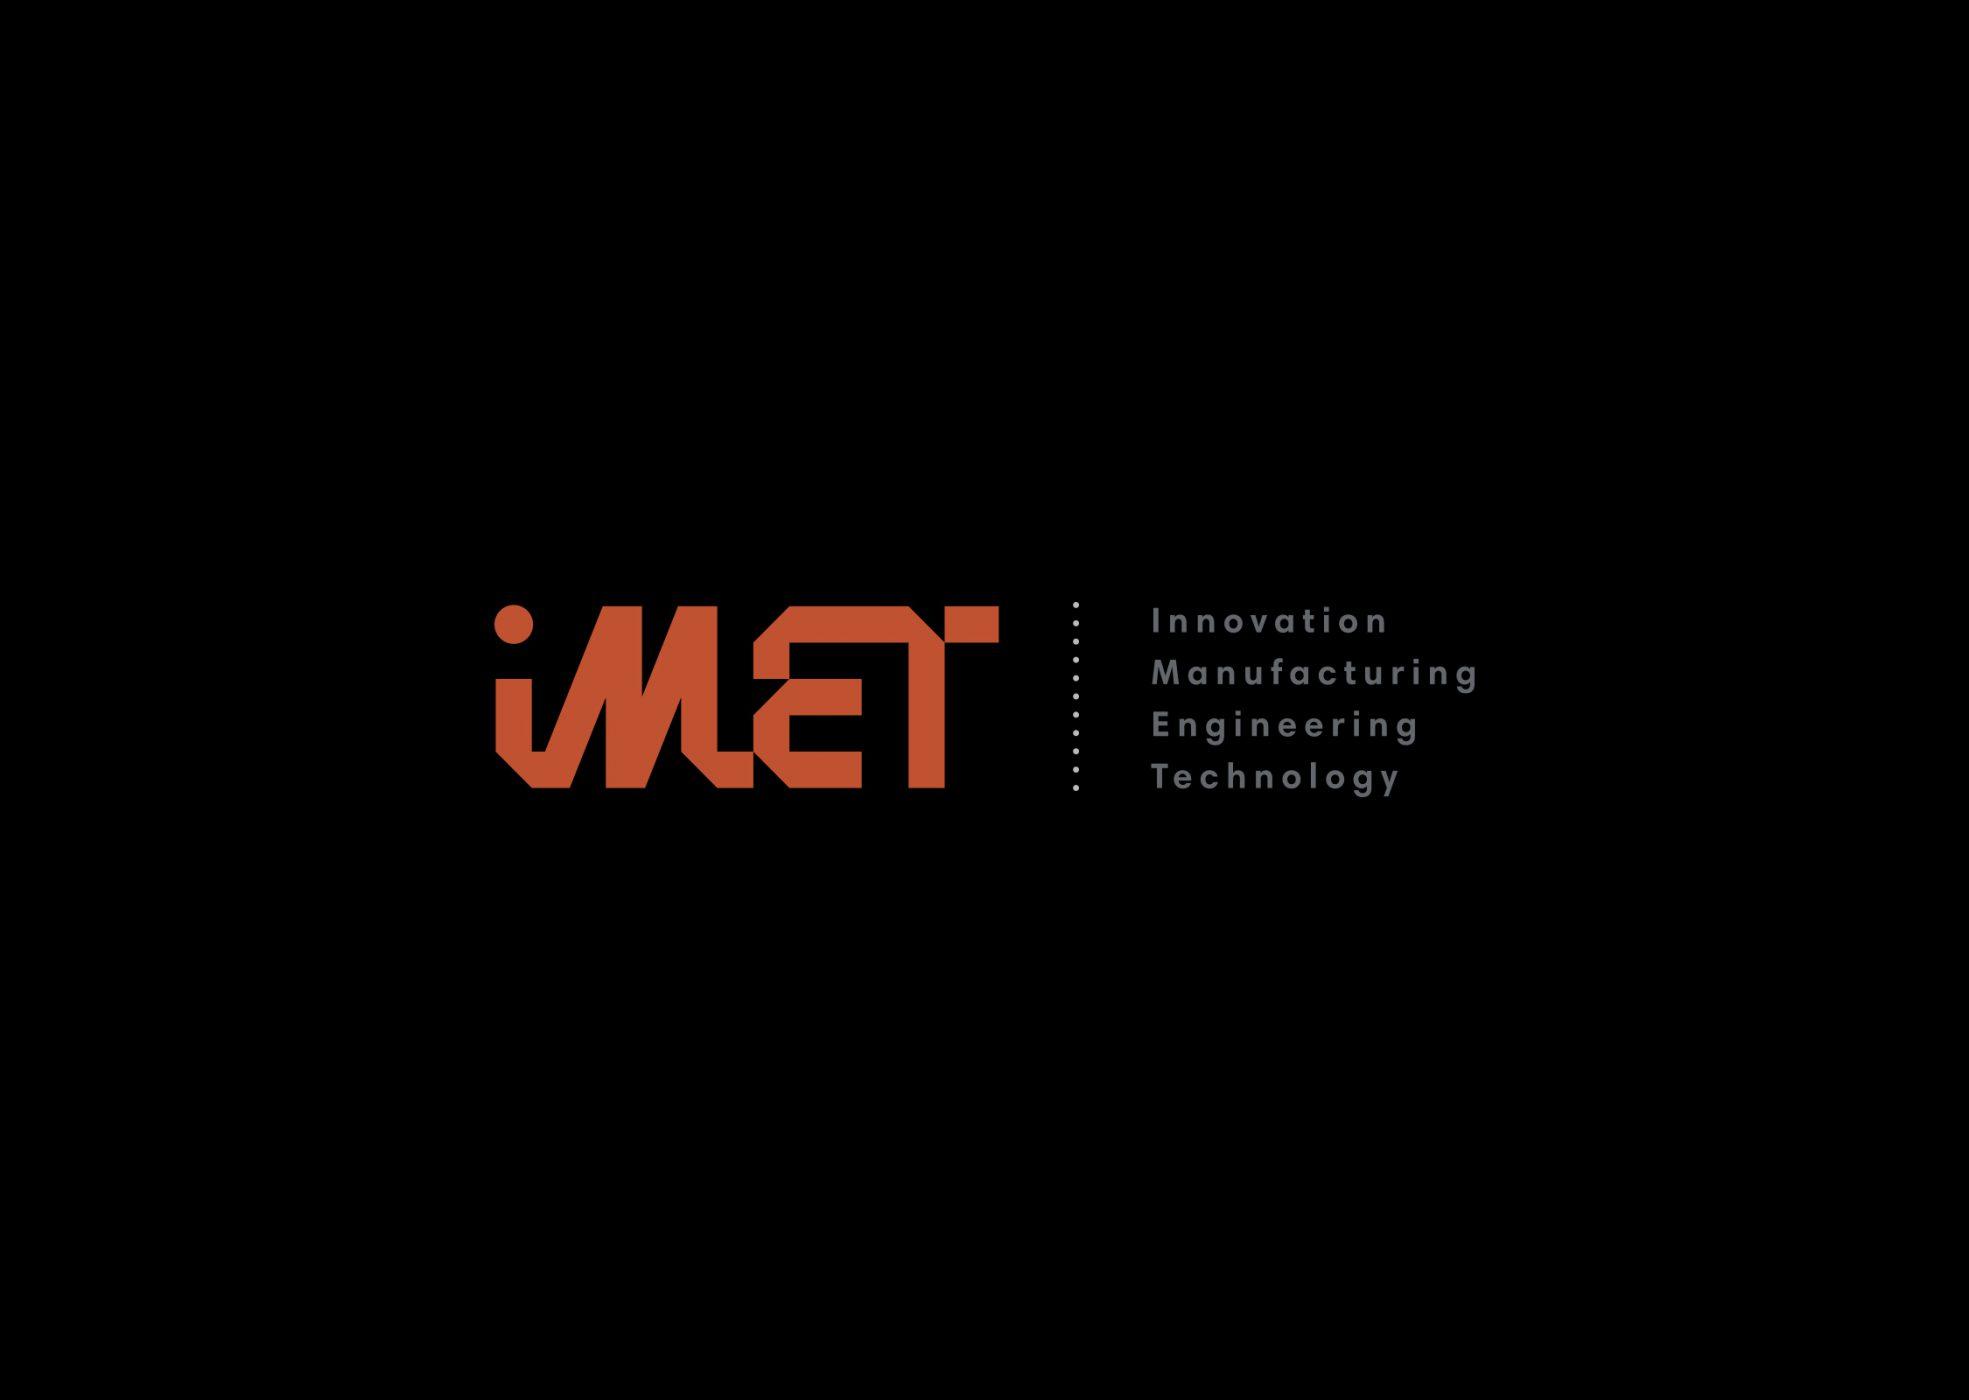 imet-logo